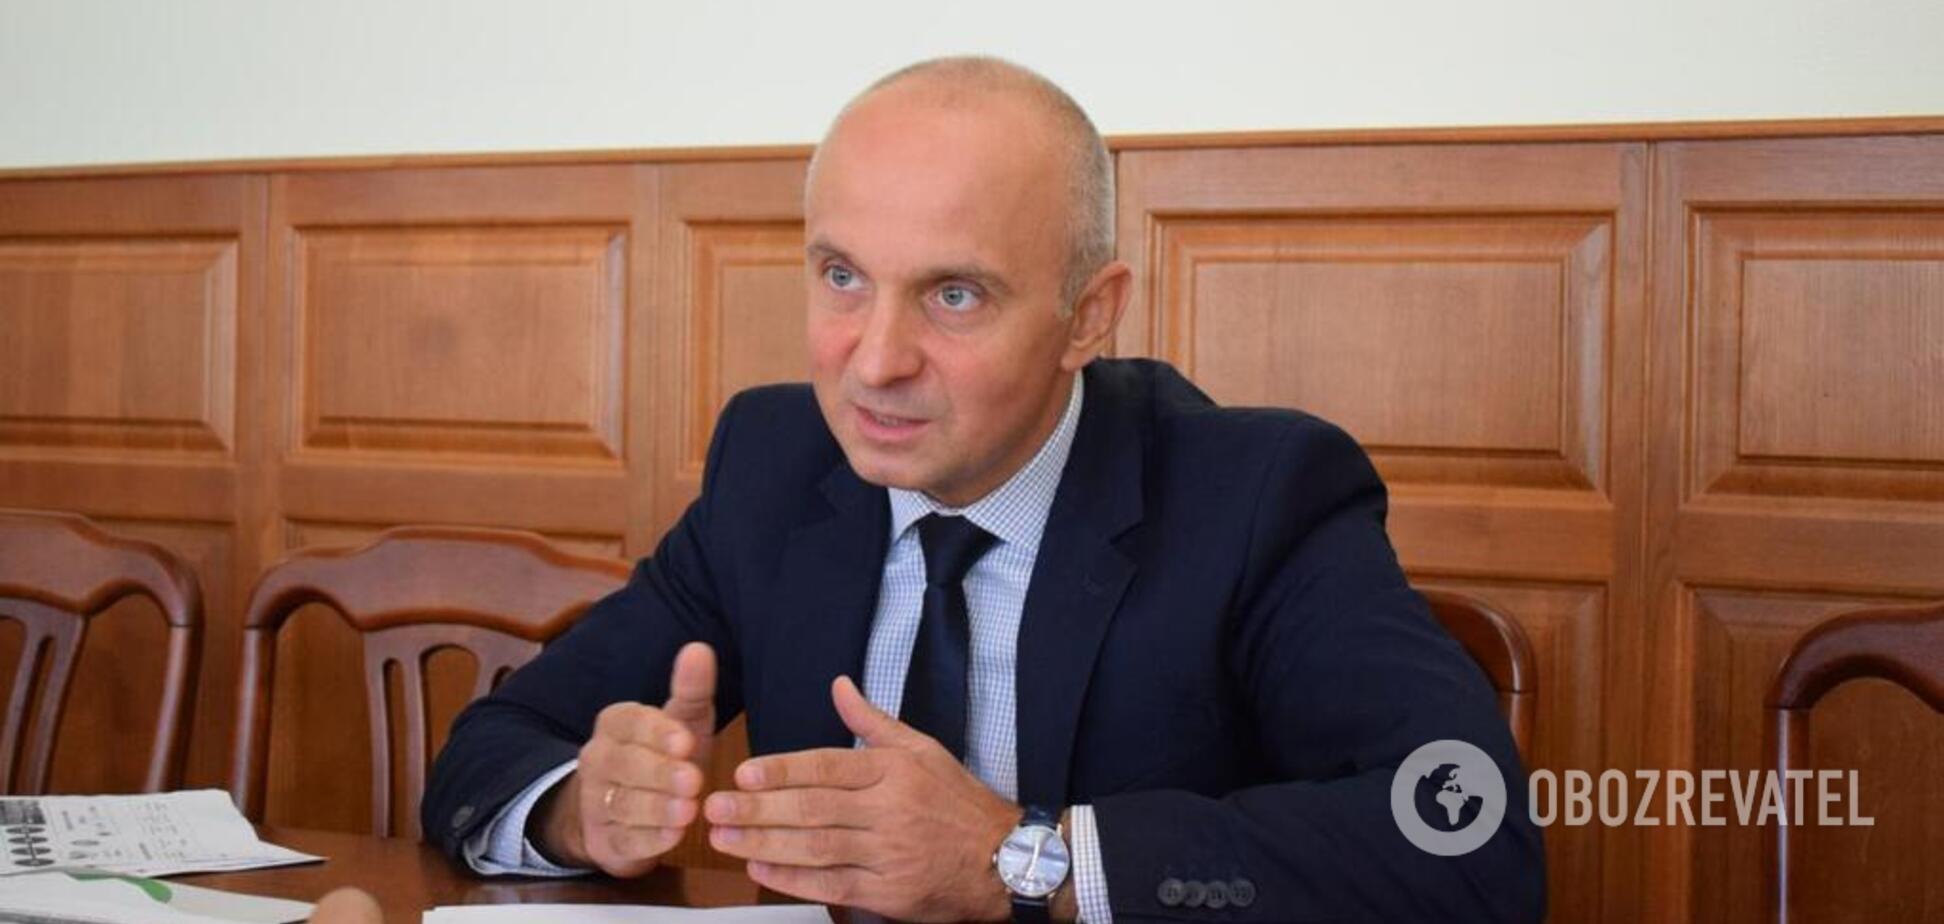 Сфера чистых технологий изменит жизнь украинцев: уже успели сделать